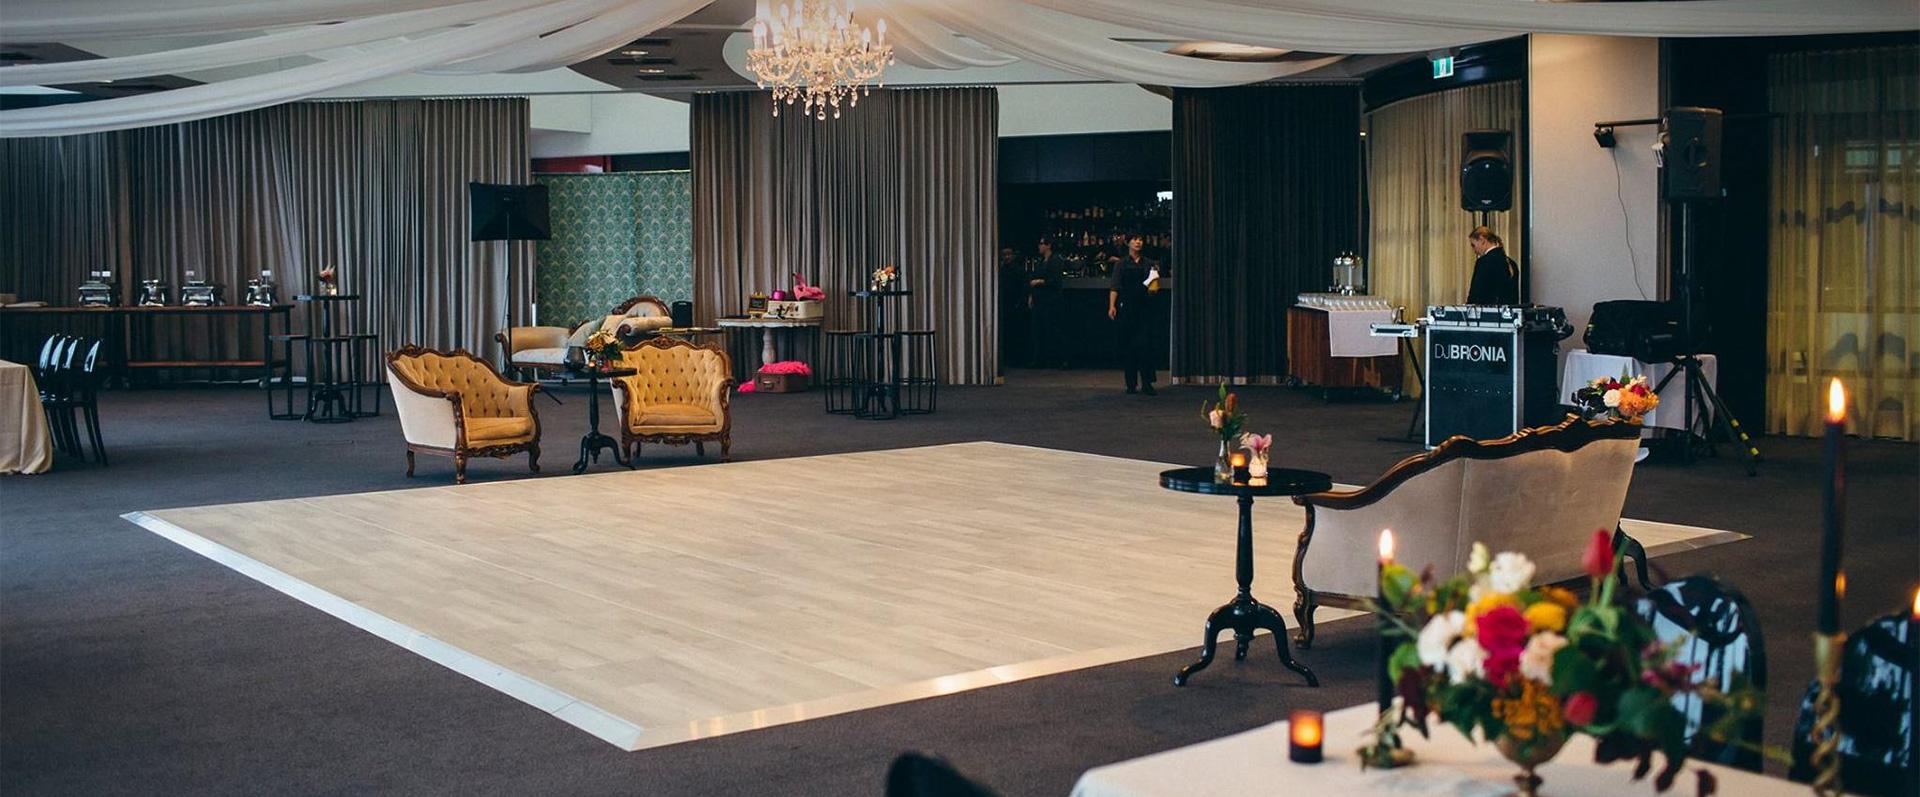 Portable Dance Floors, Mobile Hotel Bars